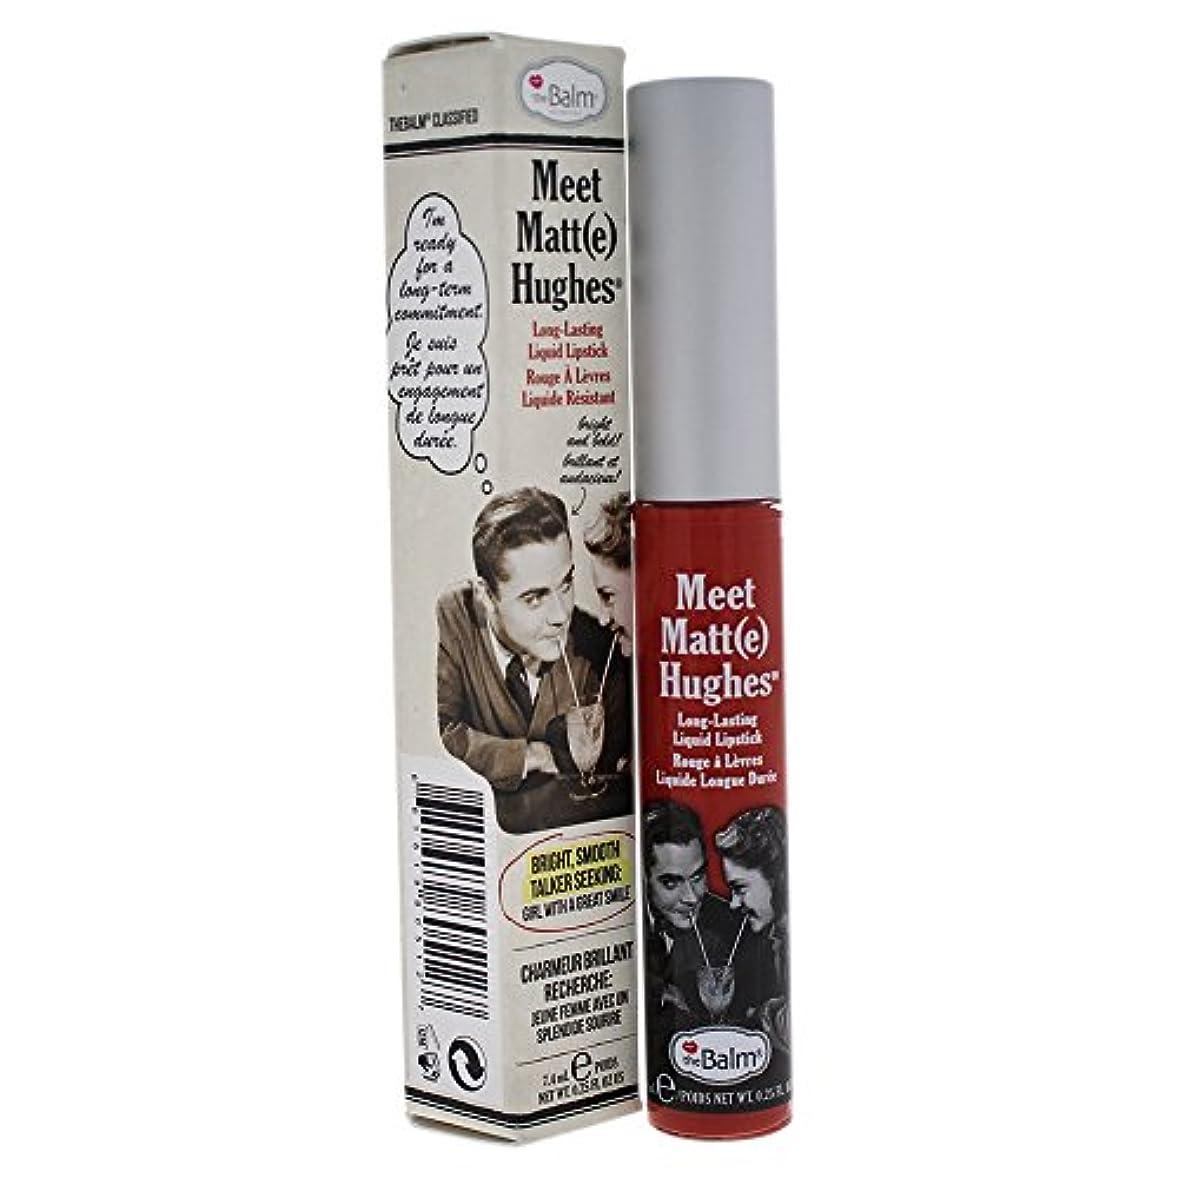 符号違法間欠ザバーム Meet Matte Hughes Long Lasting Liquid Lipstick - Honest 7.4ml/0.25oz並行輸入品